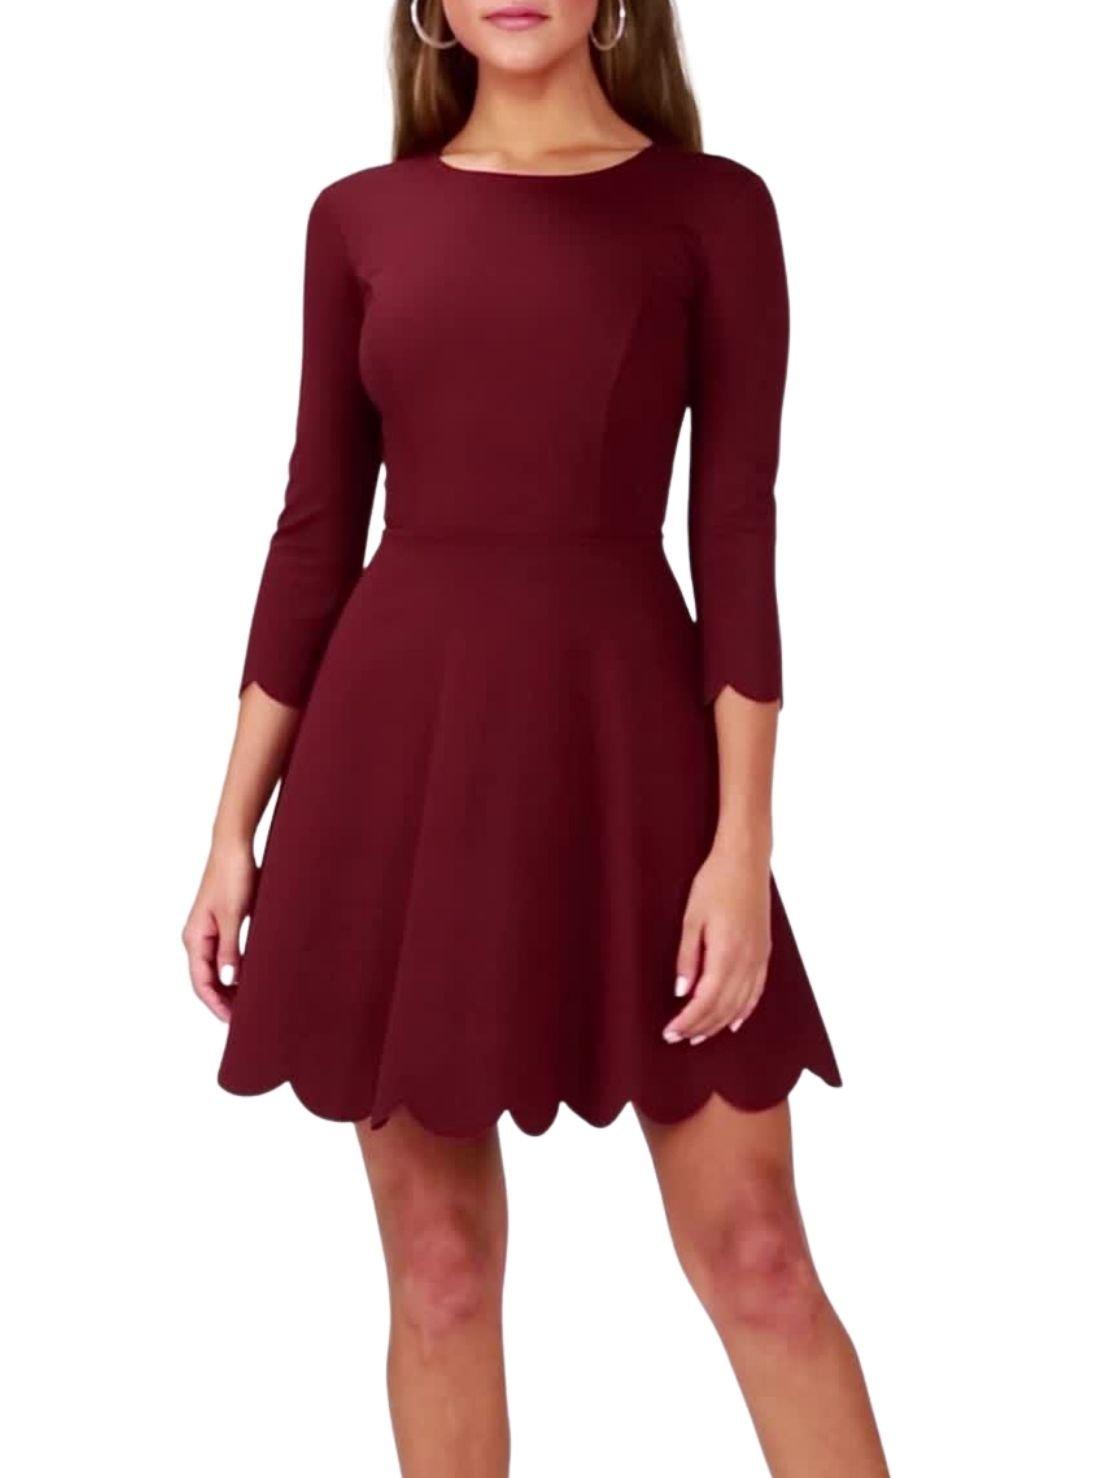 Wholesale Long Sleeved Skater Dresses